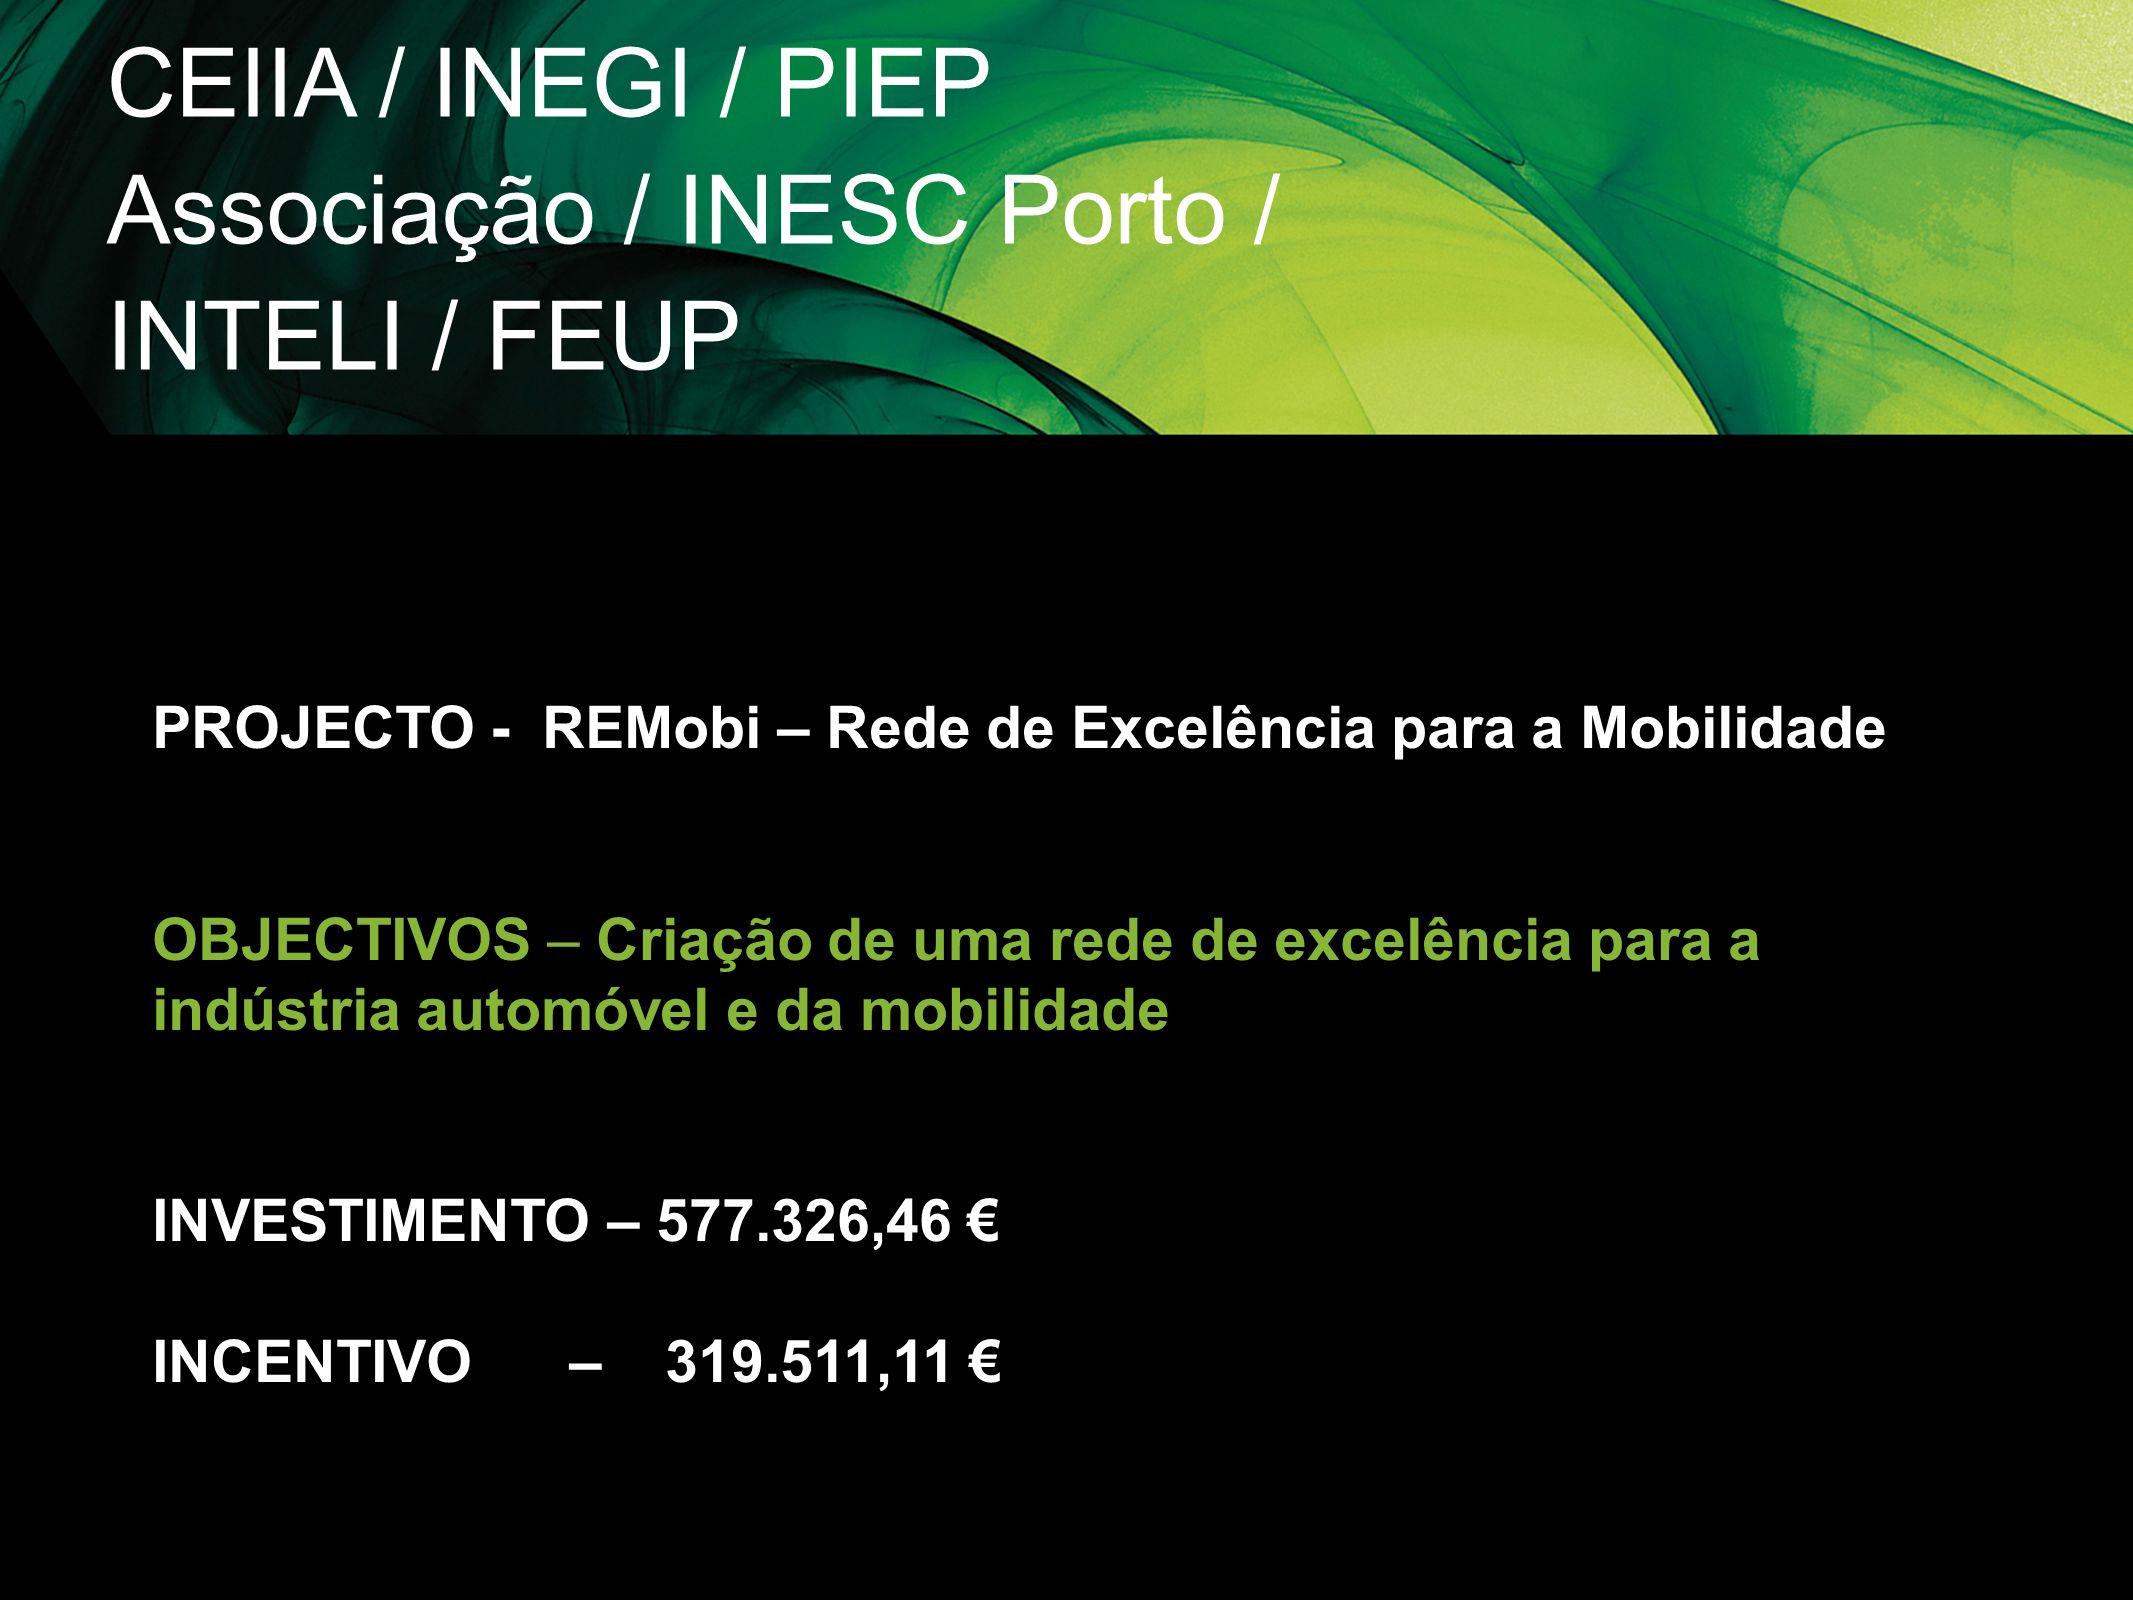 CEIIA / INEGI / PIEP Associação / INESC Porto / INTELI / FEUP PROJECTO - REMobi – Rede de Excelência para a Mobilidade OBJECTIVOS – Criação de uma red